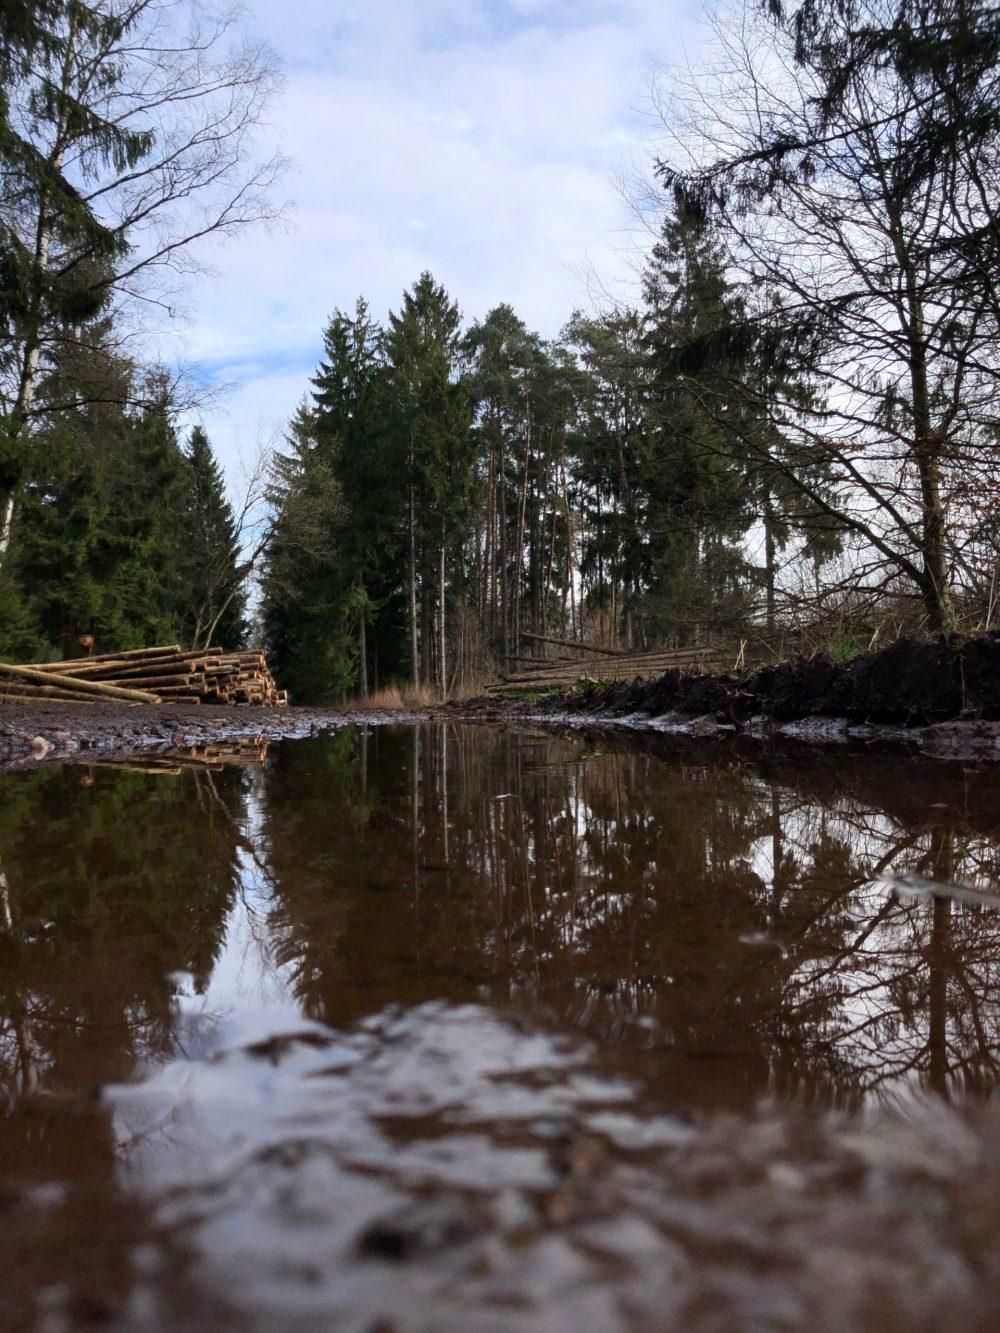 Spiegelung auf einer Pfütze mit gestapelten Baumstämmen im Hintergrund